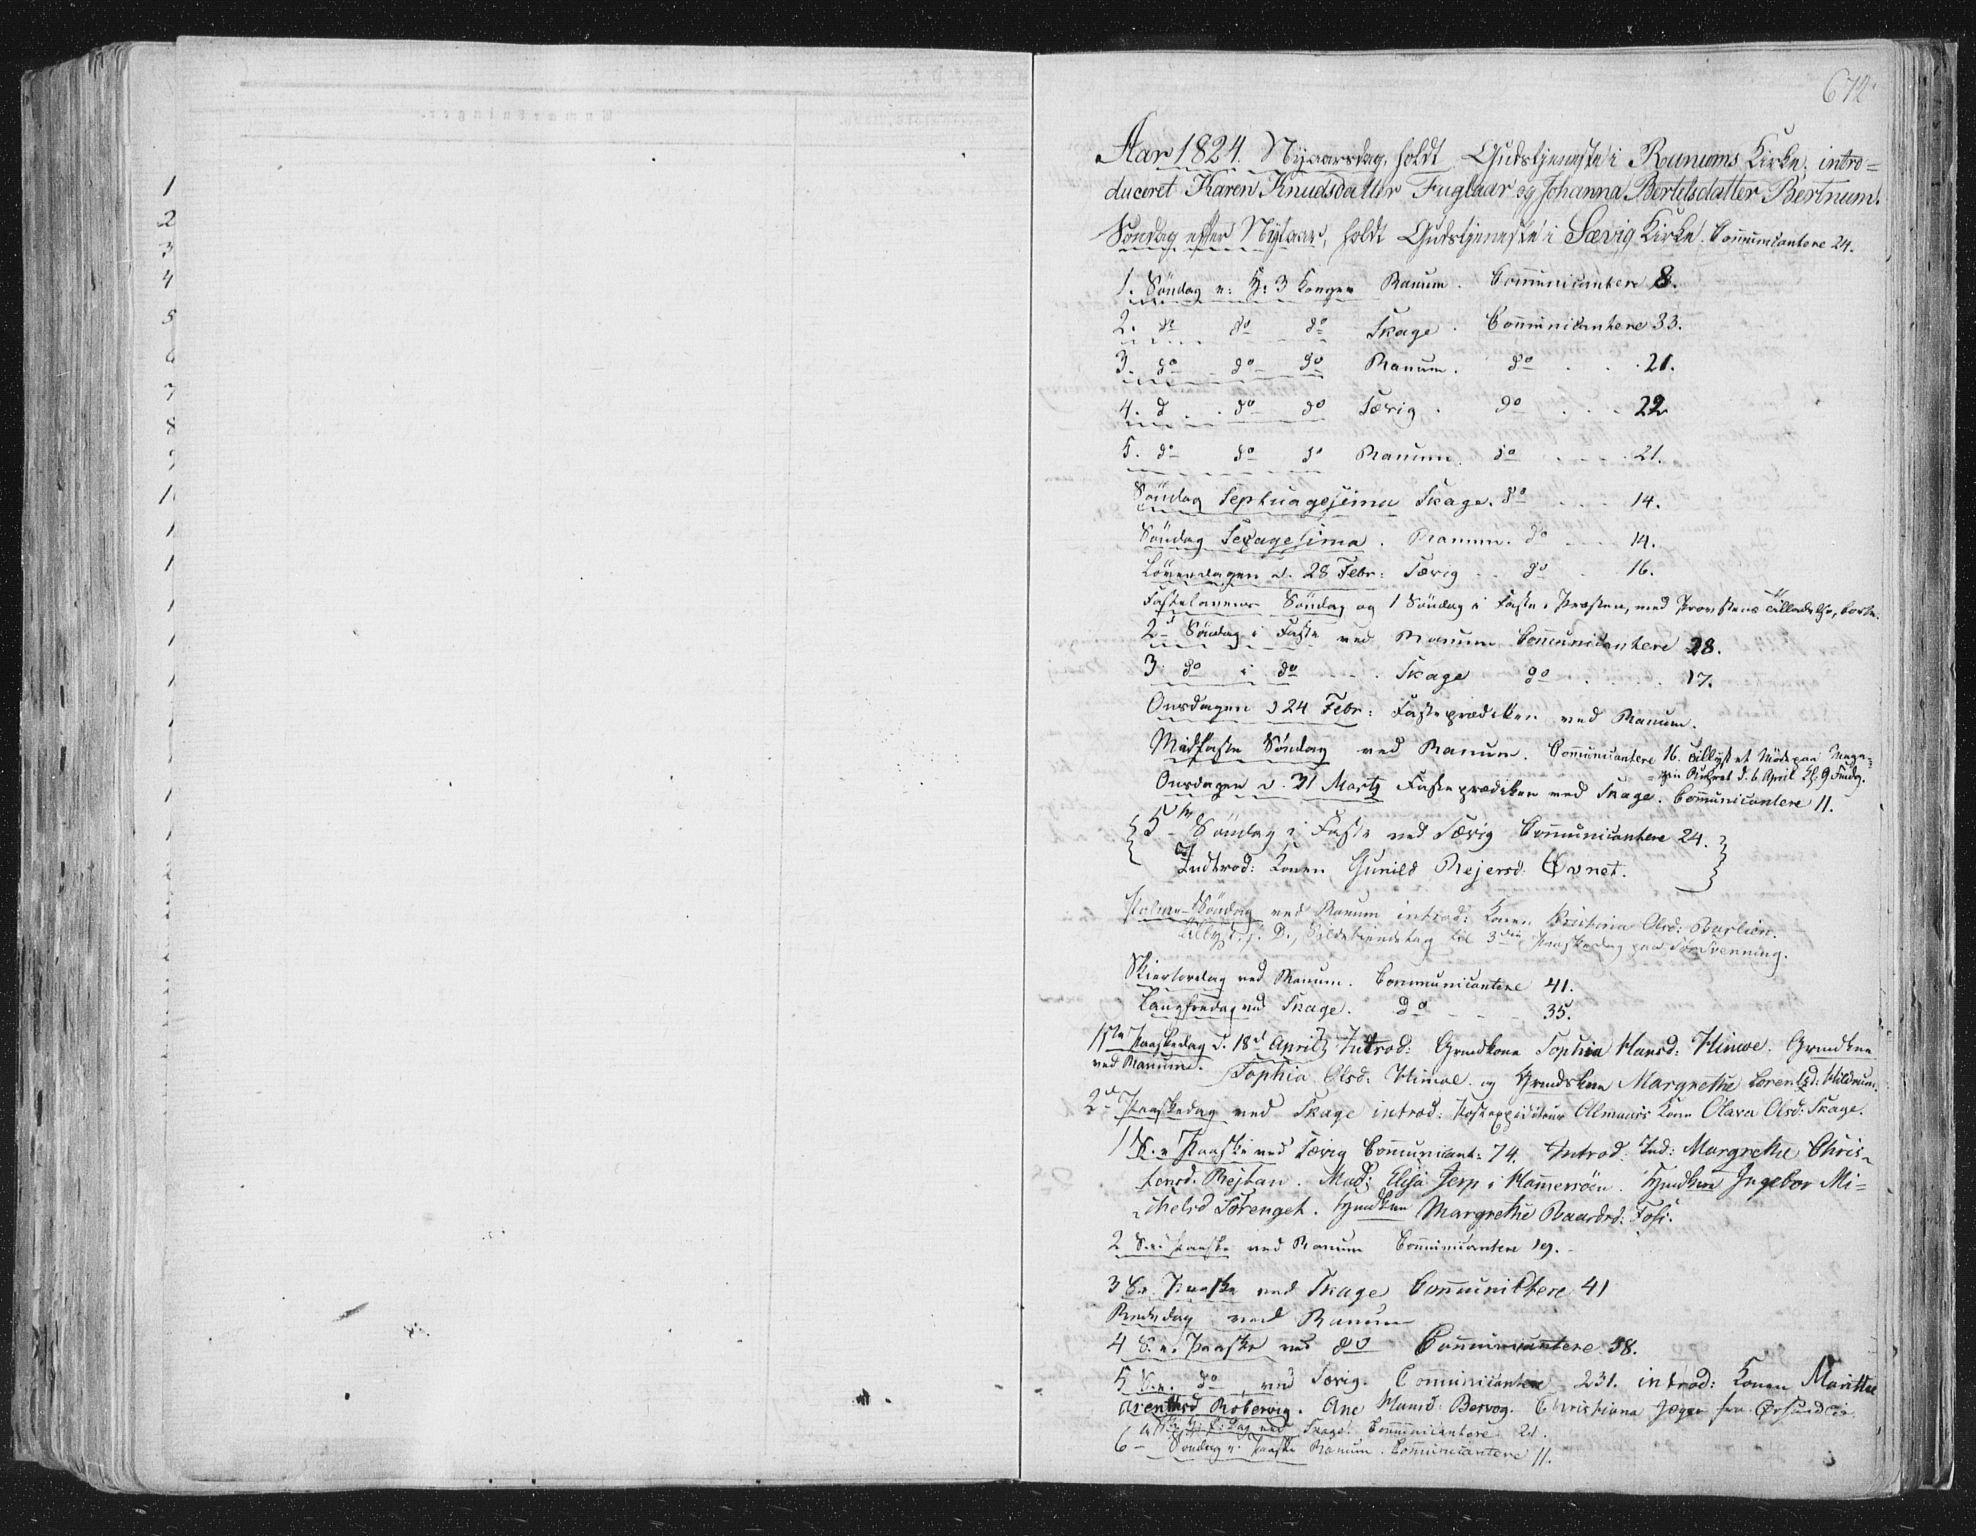 SAT, Ministerialprotokoller, klokkerbøker og fødselsregistre - Nord-Trøndelag, 764/L0552: Ministerialbok nr. 764A07b, 1824-1865, s. 672